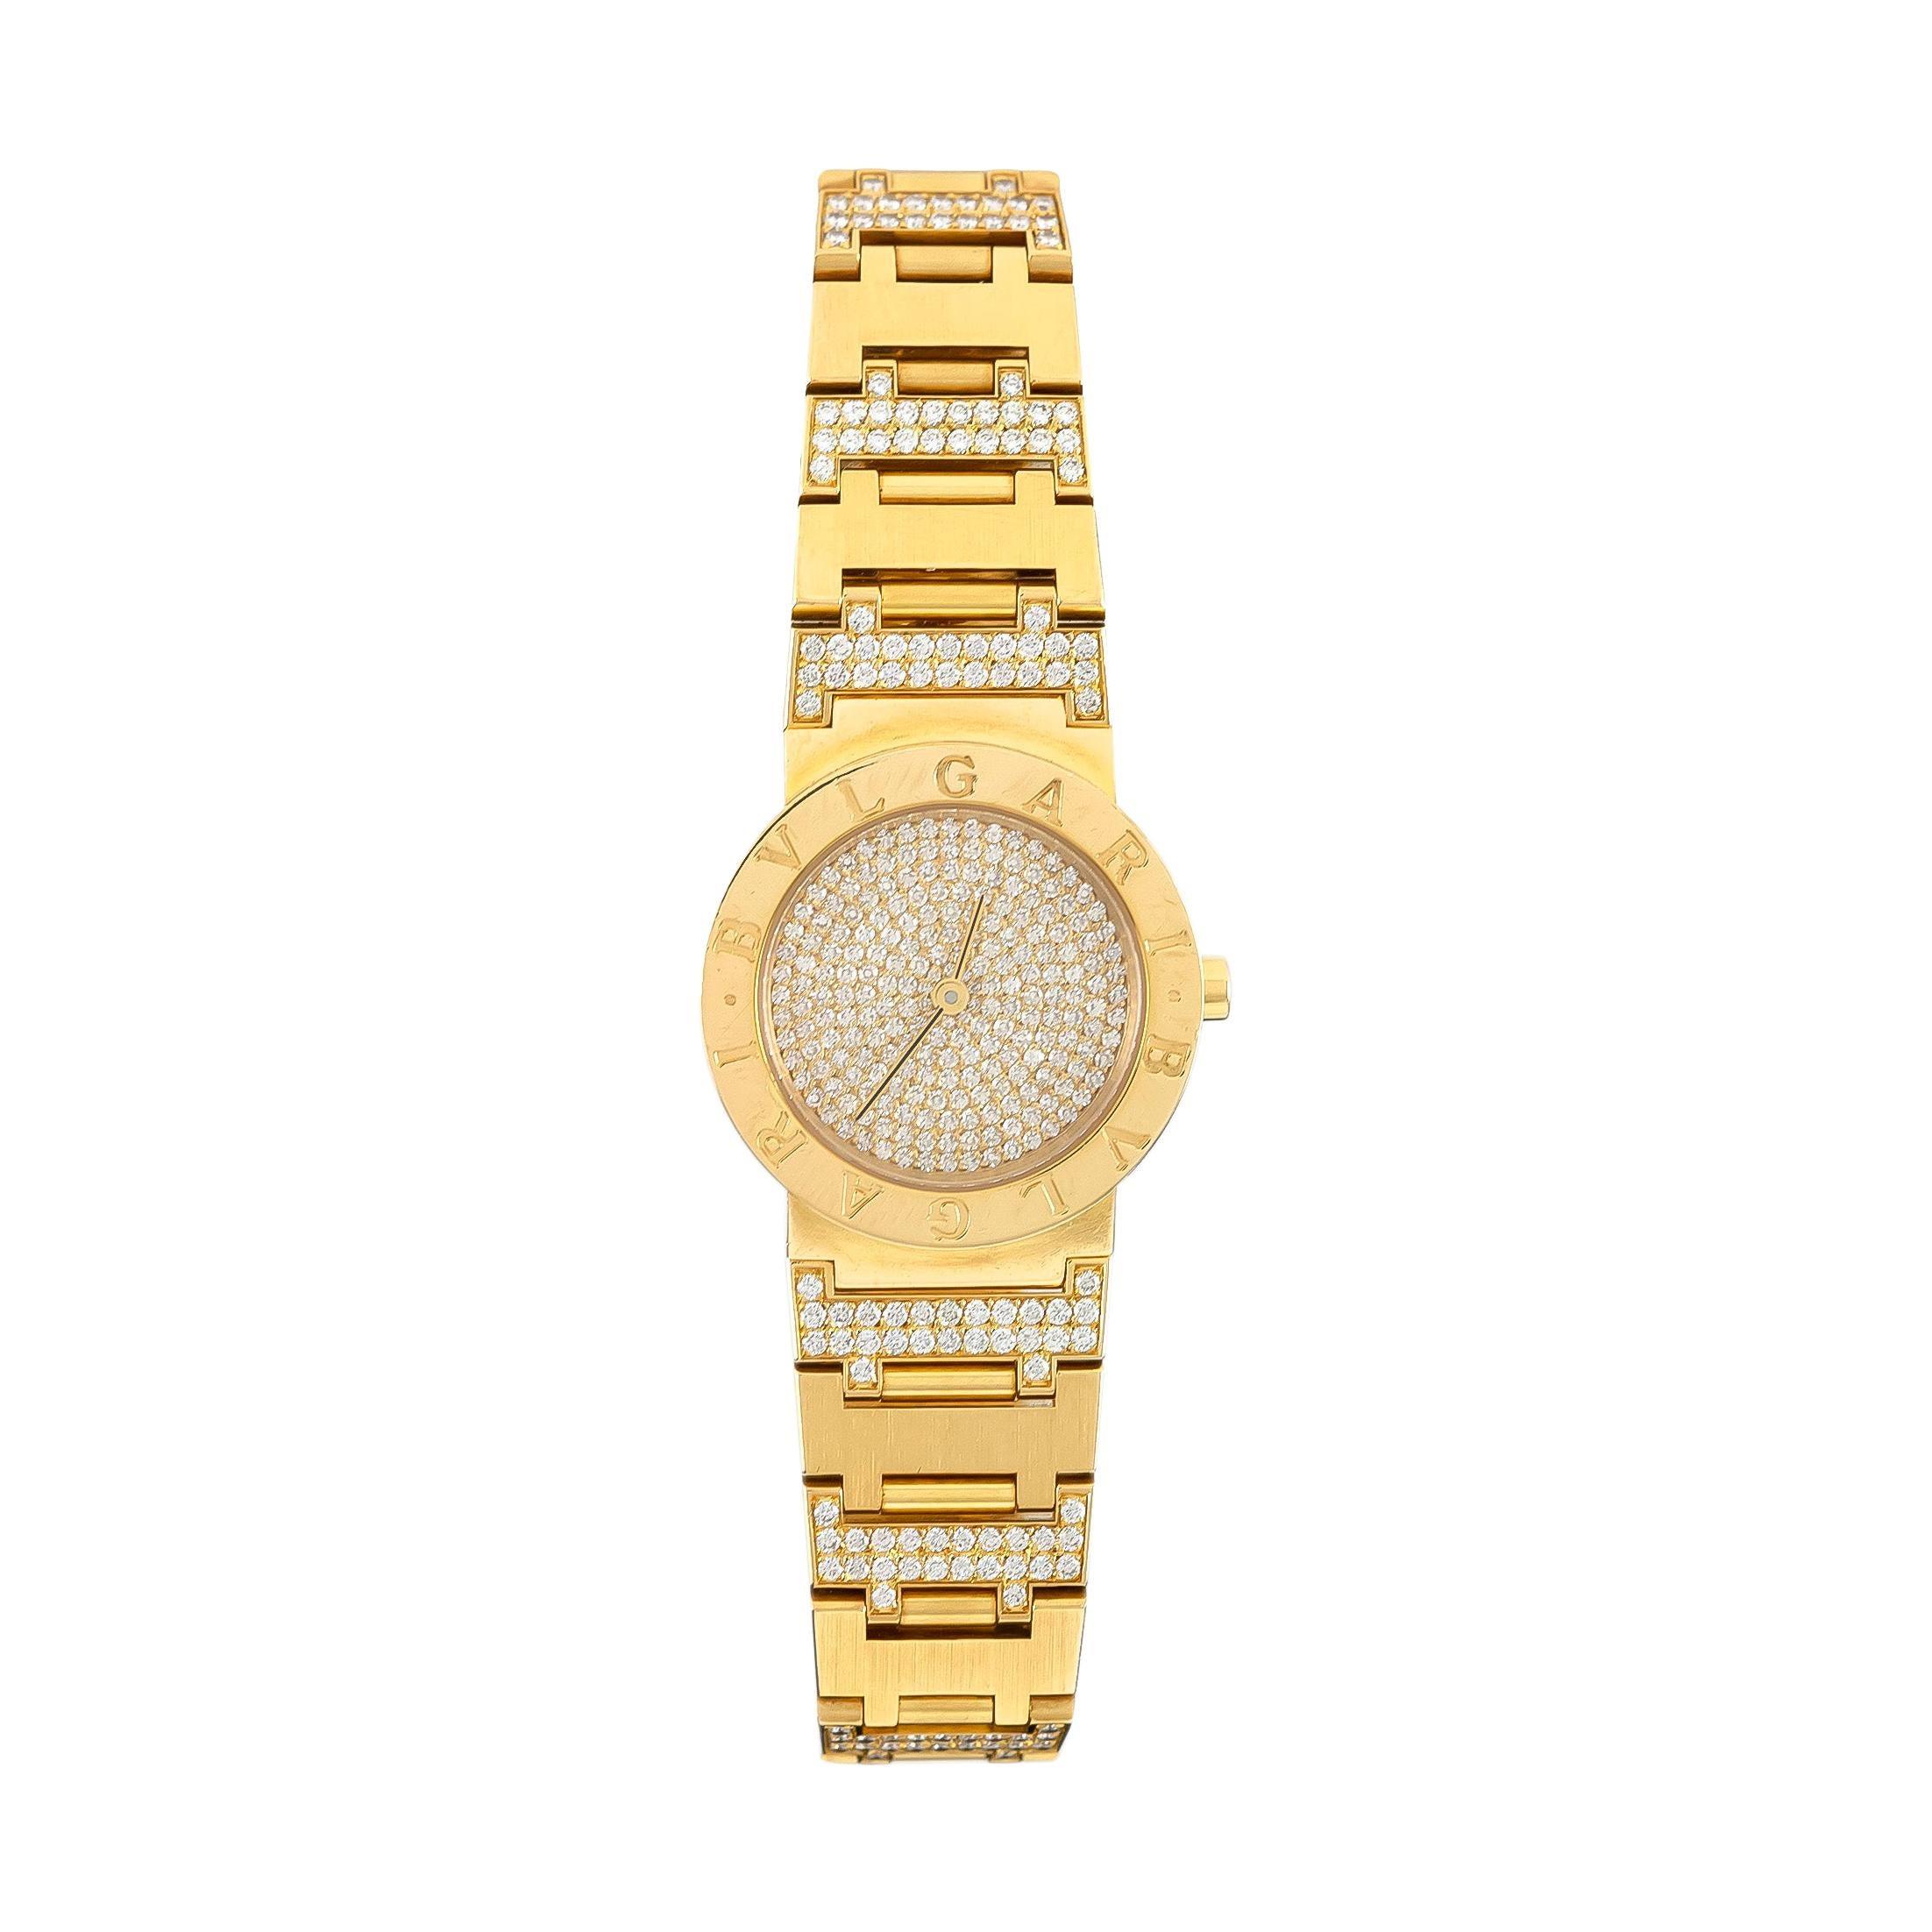 Unisex Bvlgari Diamonds Watch